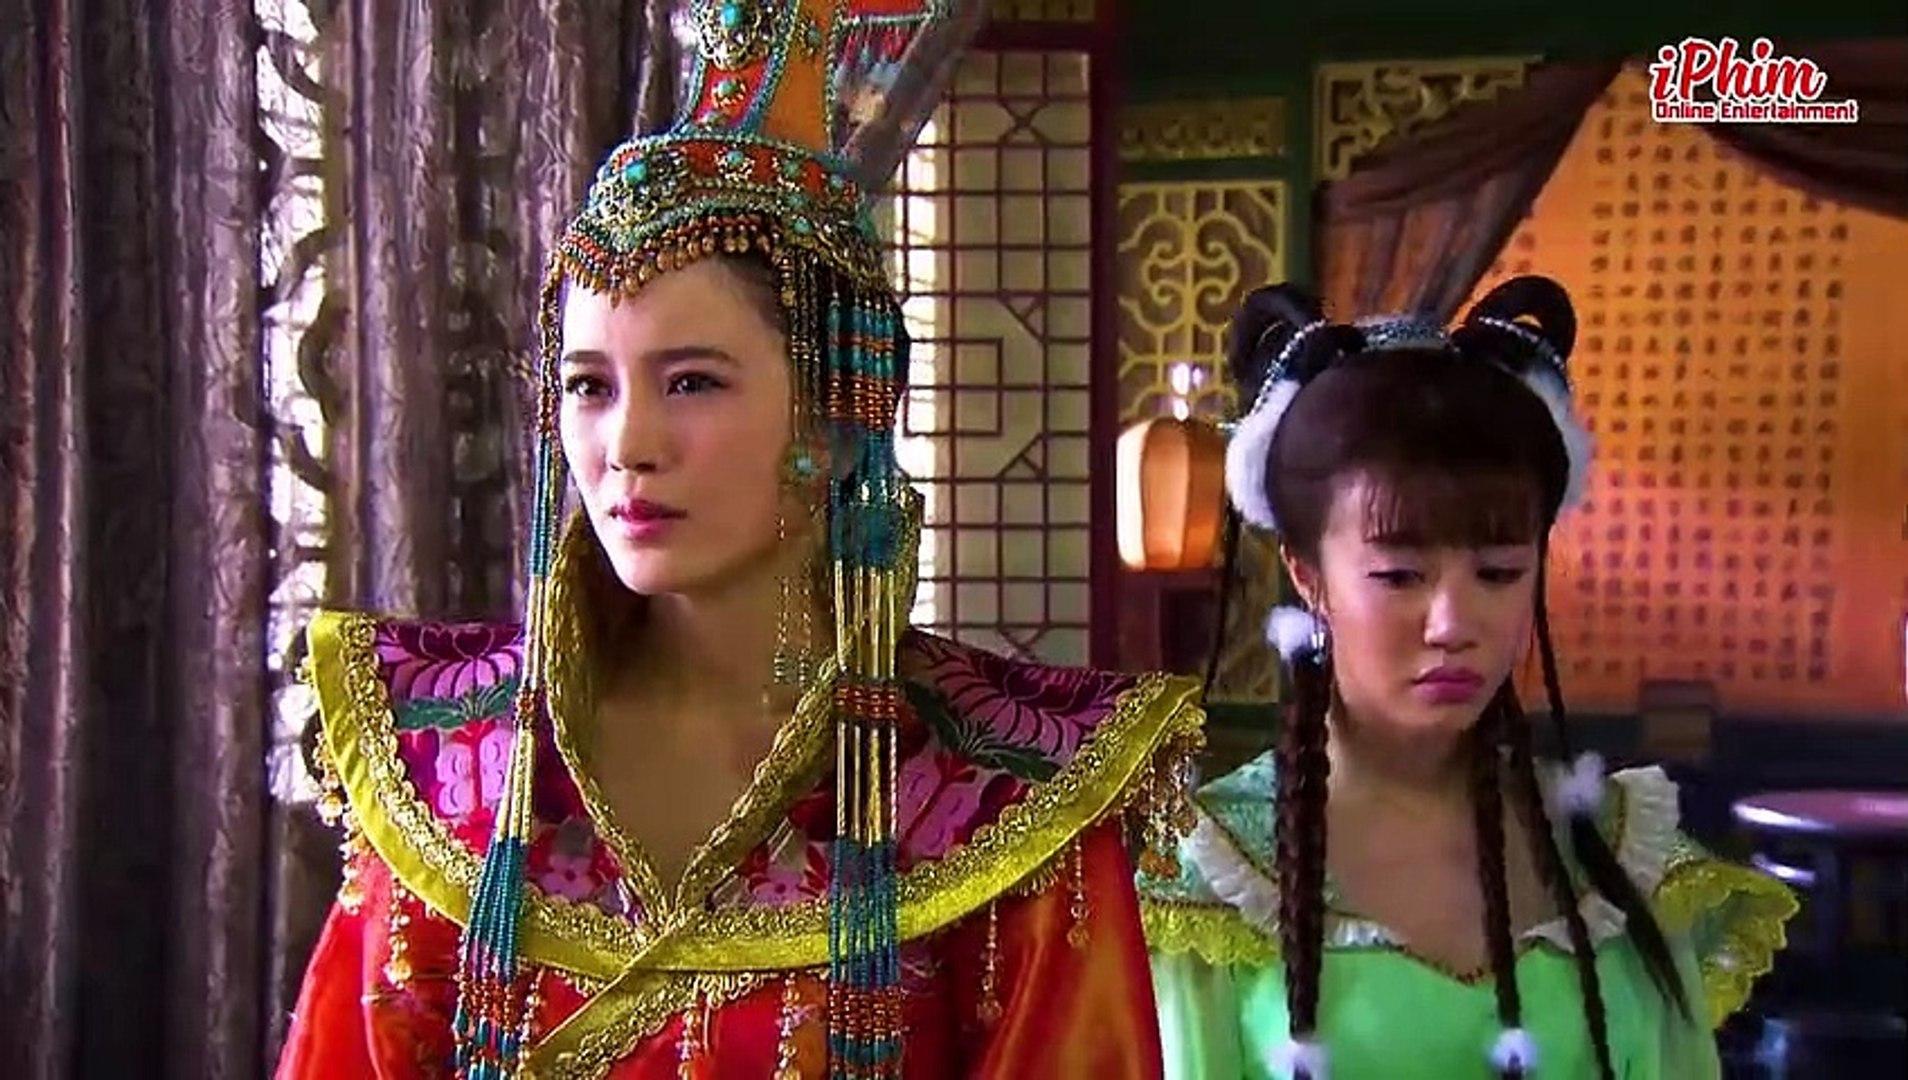 CHÂN MỆNH THIÊN TỬ Tập 41 - Phim Hay 2019 - Phim Võ Thuật Kiếm Hiệp - Cổ Trang Tiên Hiệp